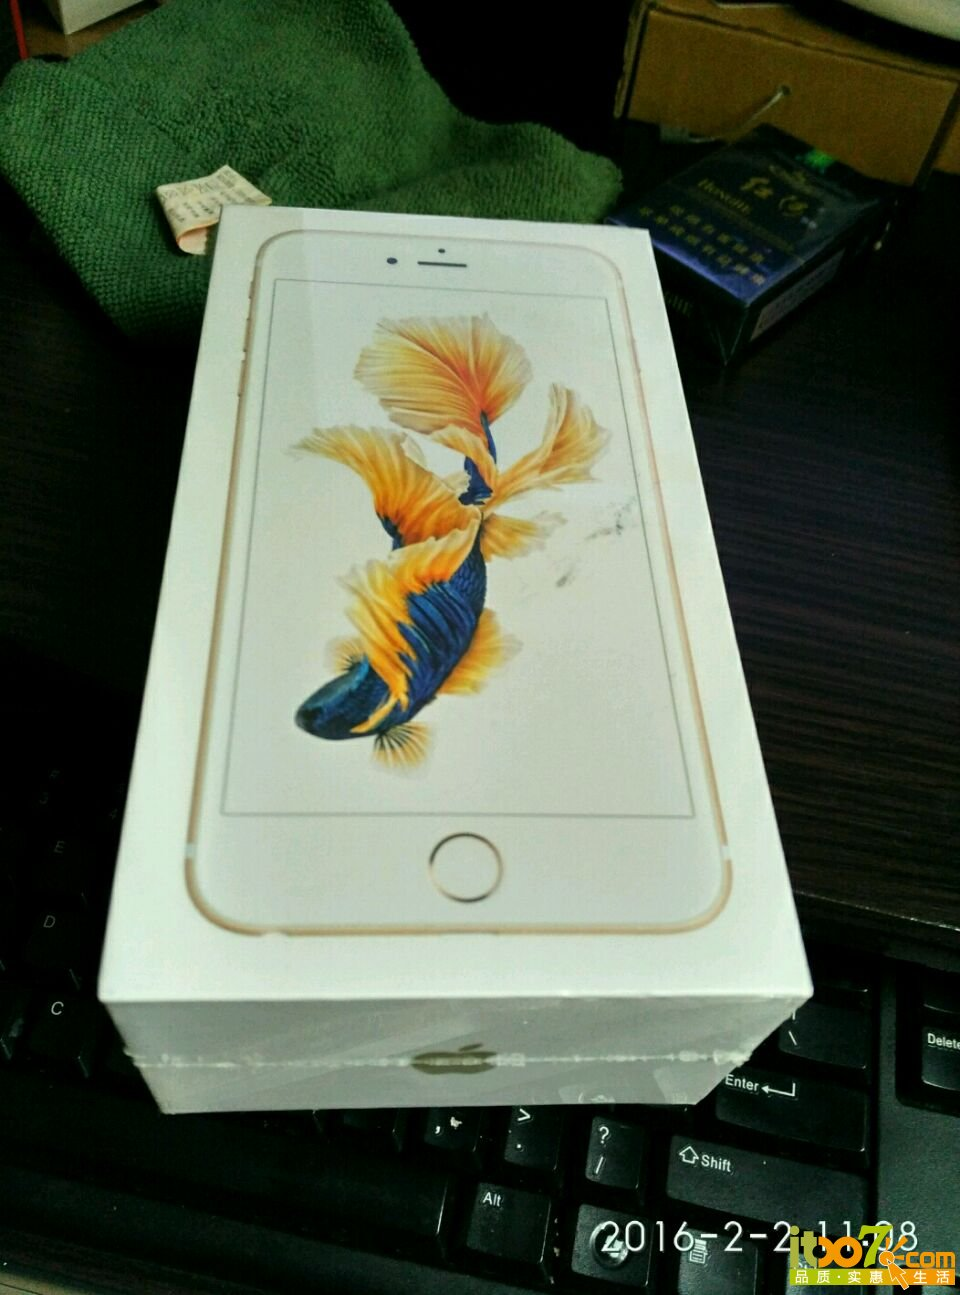 封封封苹果6s puls 64G金色 未拆封求秒 交易区 品质实惠生活